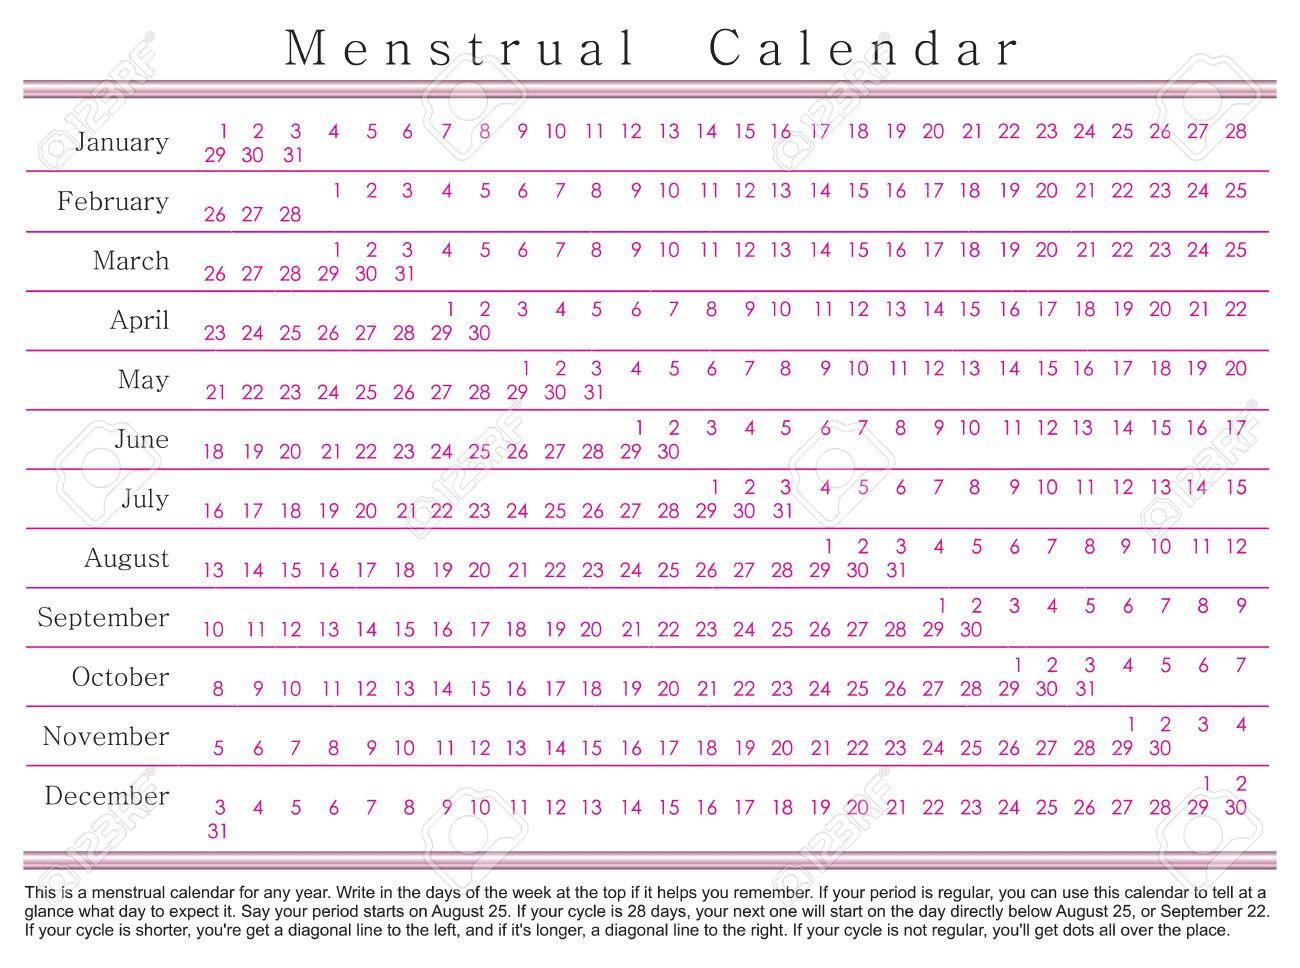 Calendario Delle Mestruazioni.Calendario Mestruale Questo E Un Calendario Mestruale Per Ogni Anno Scrivi Nei Giorni Della Settimana In Alto Se Ti Aiuta A Ricordare